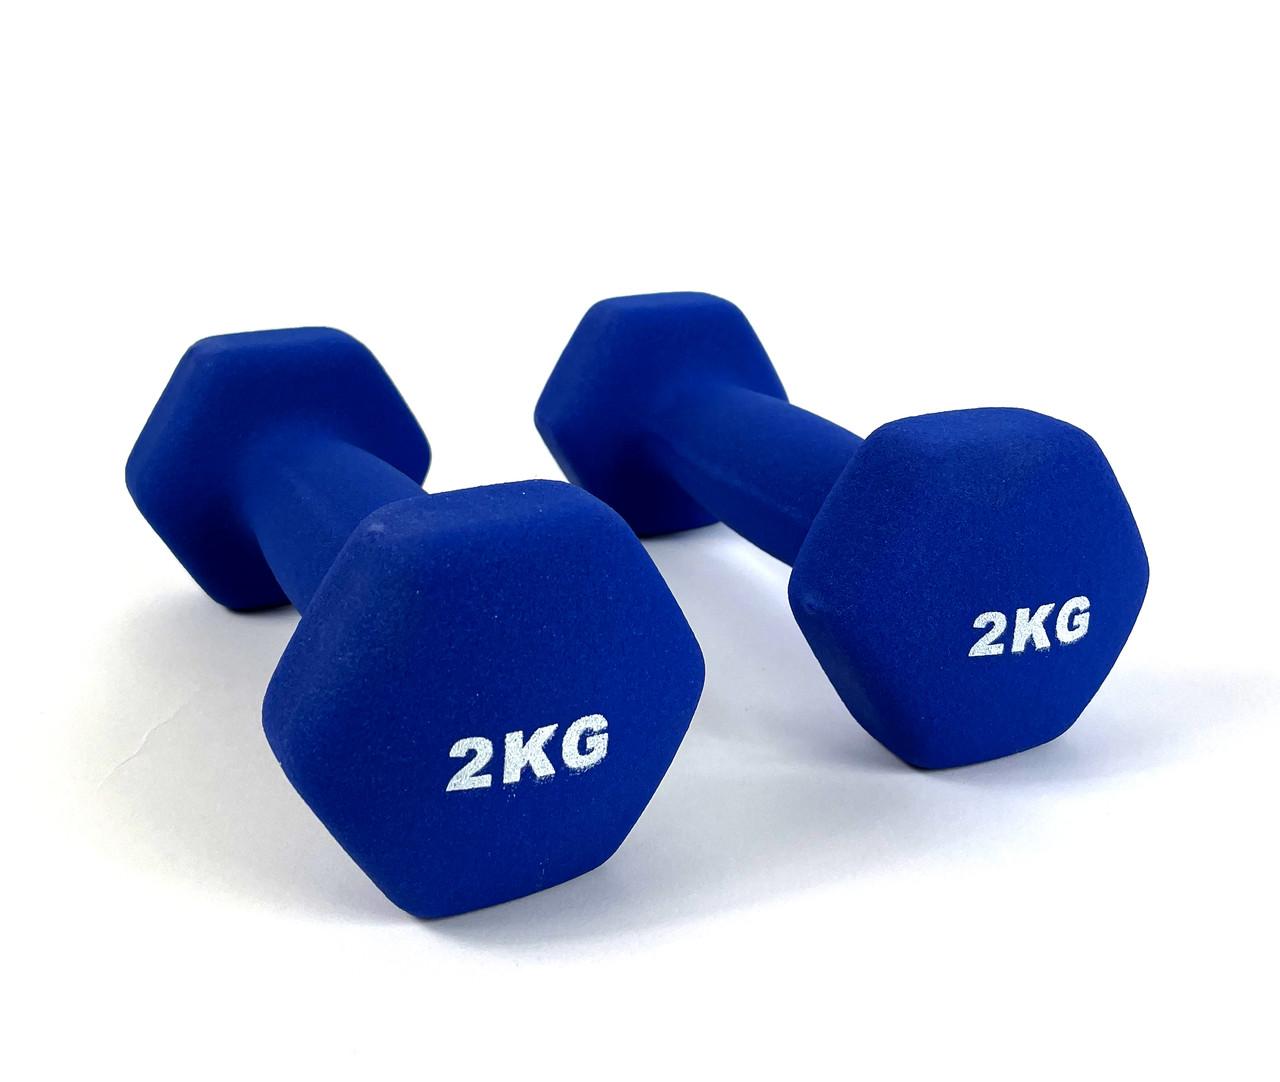 Гантелі для фітнеса NEO-SPORT 2 кг. x 2 шт., метал з вініловим покриттям (синій), фото 1